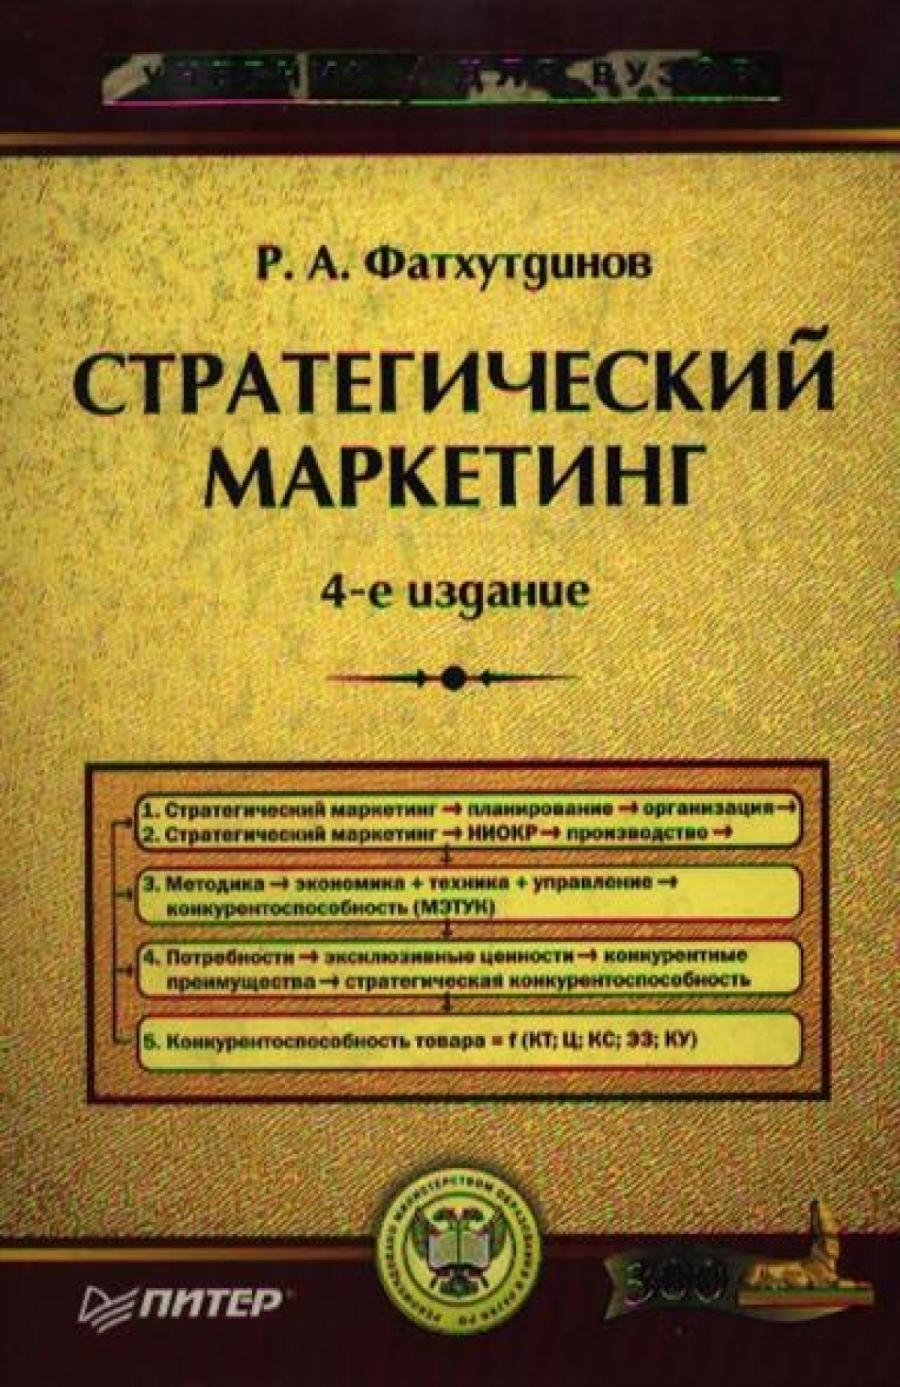 Обложка книги:  фатхутдинов р.а. - стратегический маркетинг